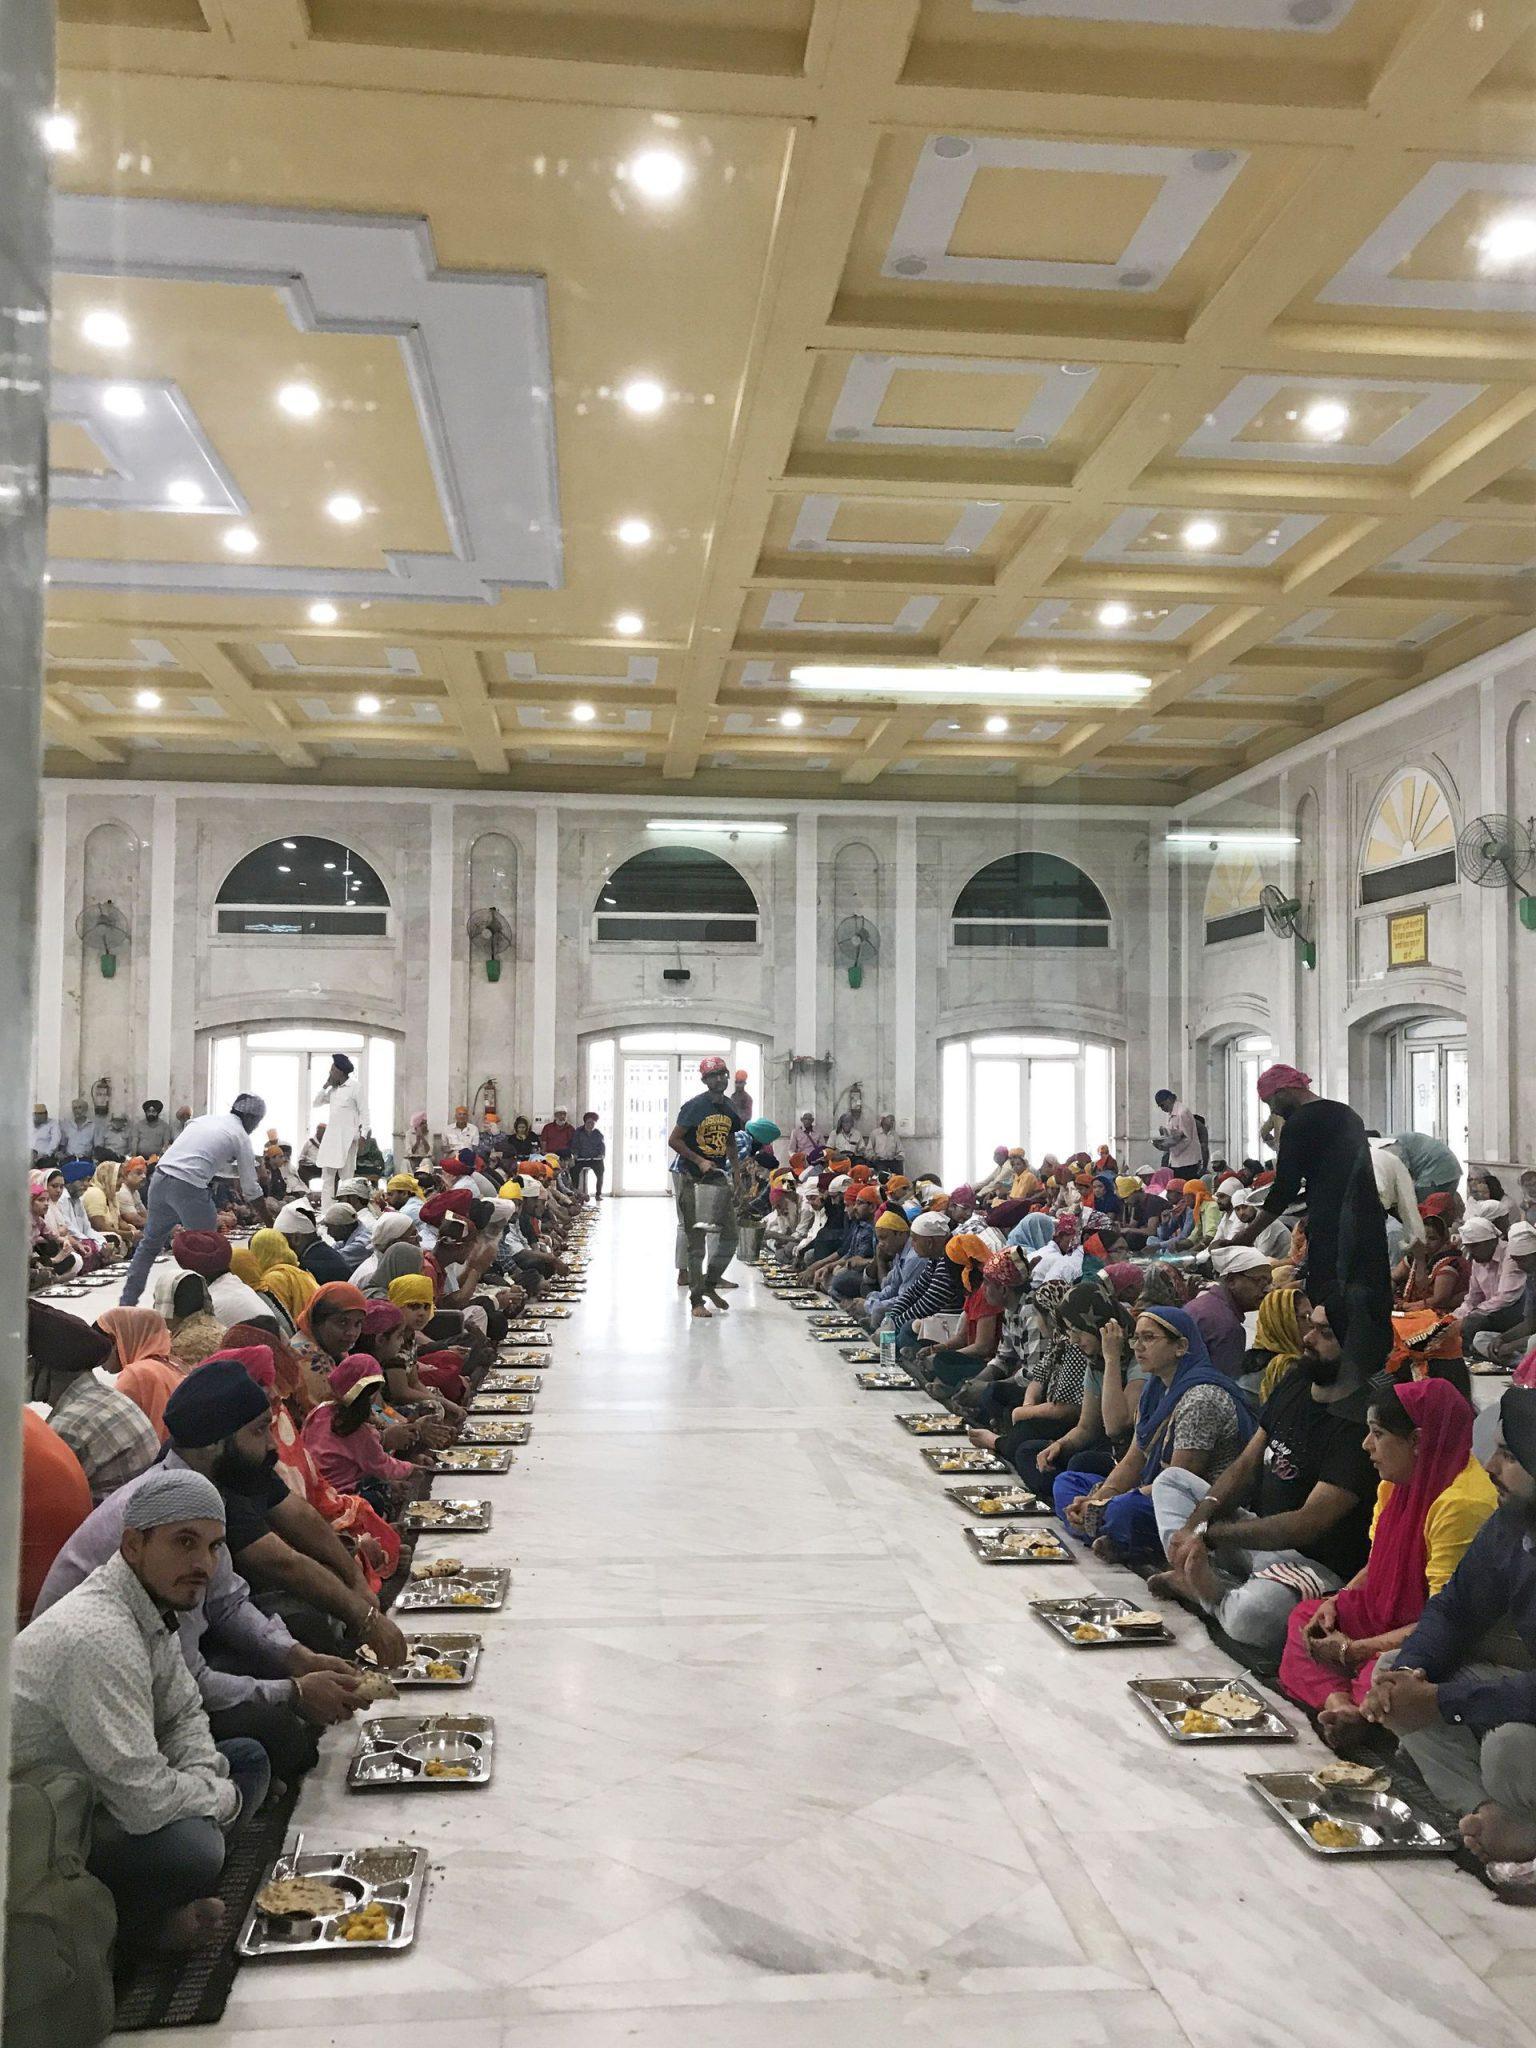 Sikh Temple New Delhi India